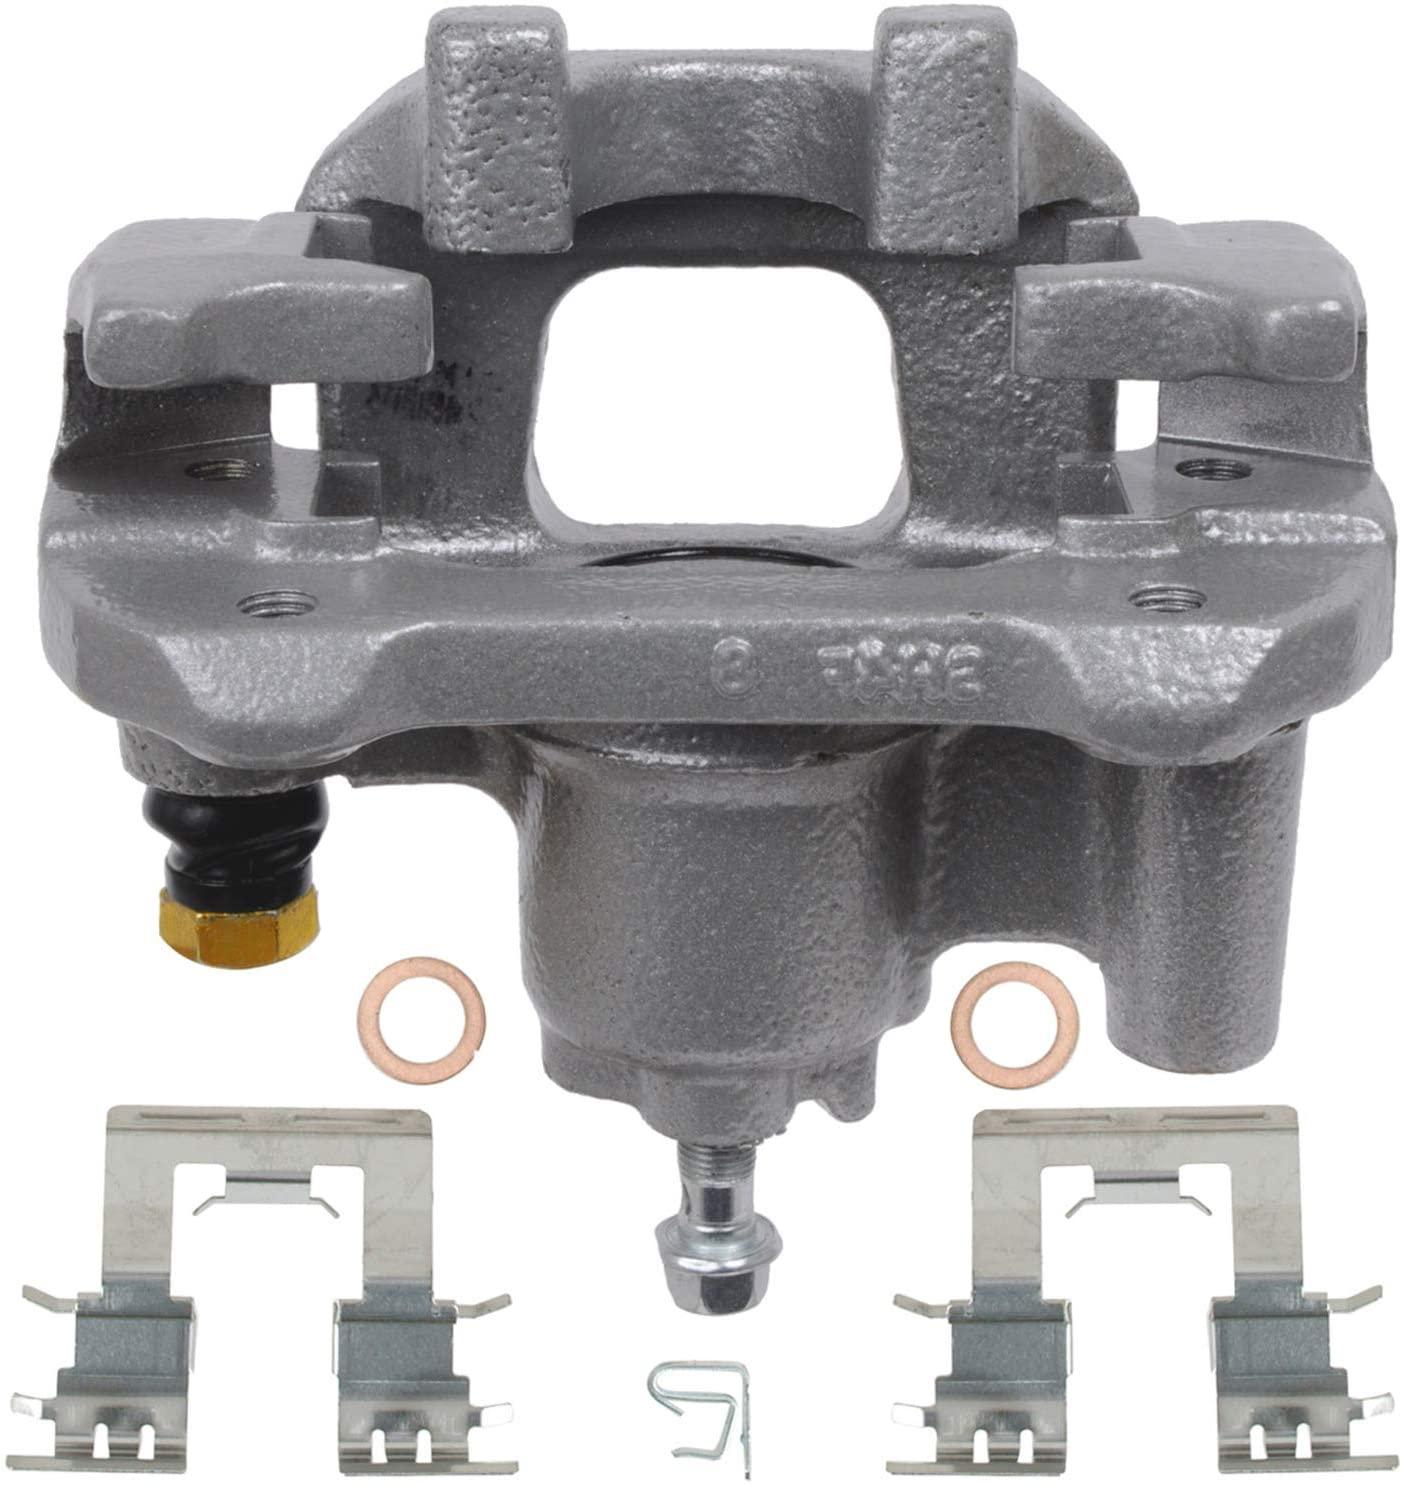 A1 Cardone 19-P2684 Remanufactured Ultra Caliper,1 Pack